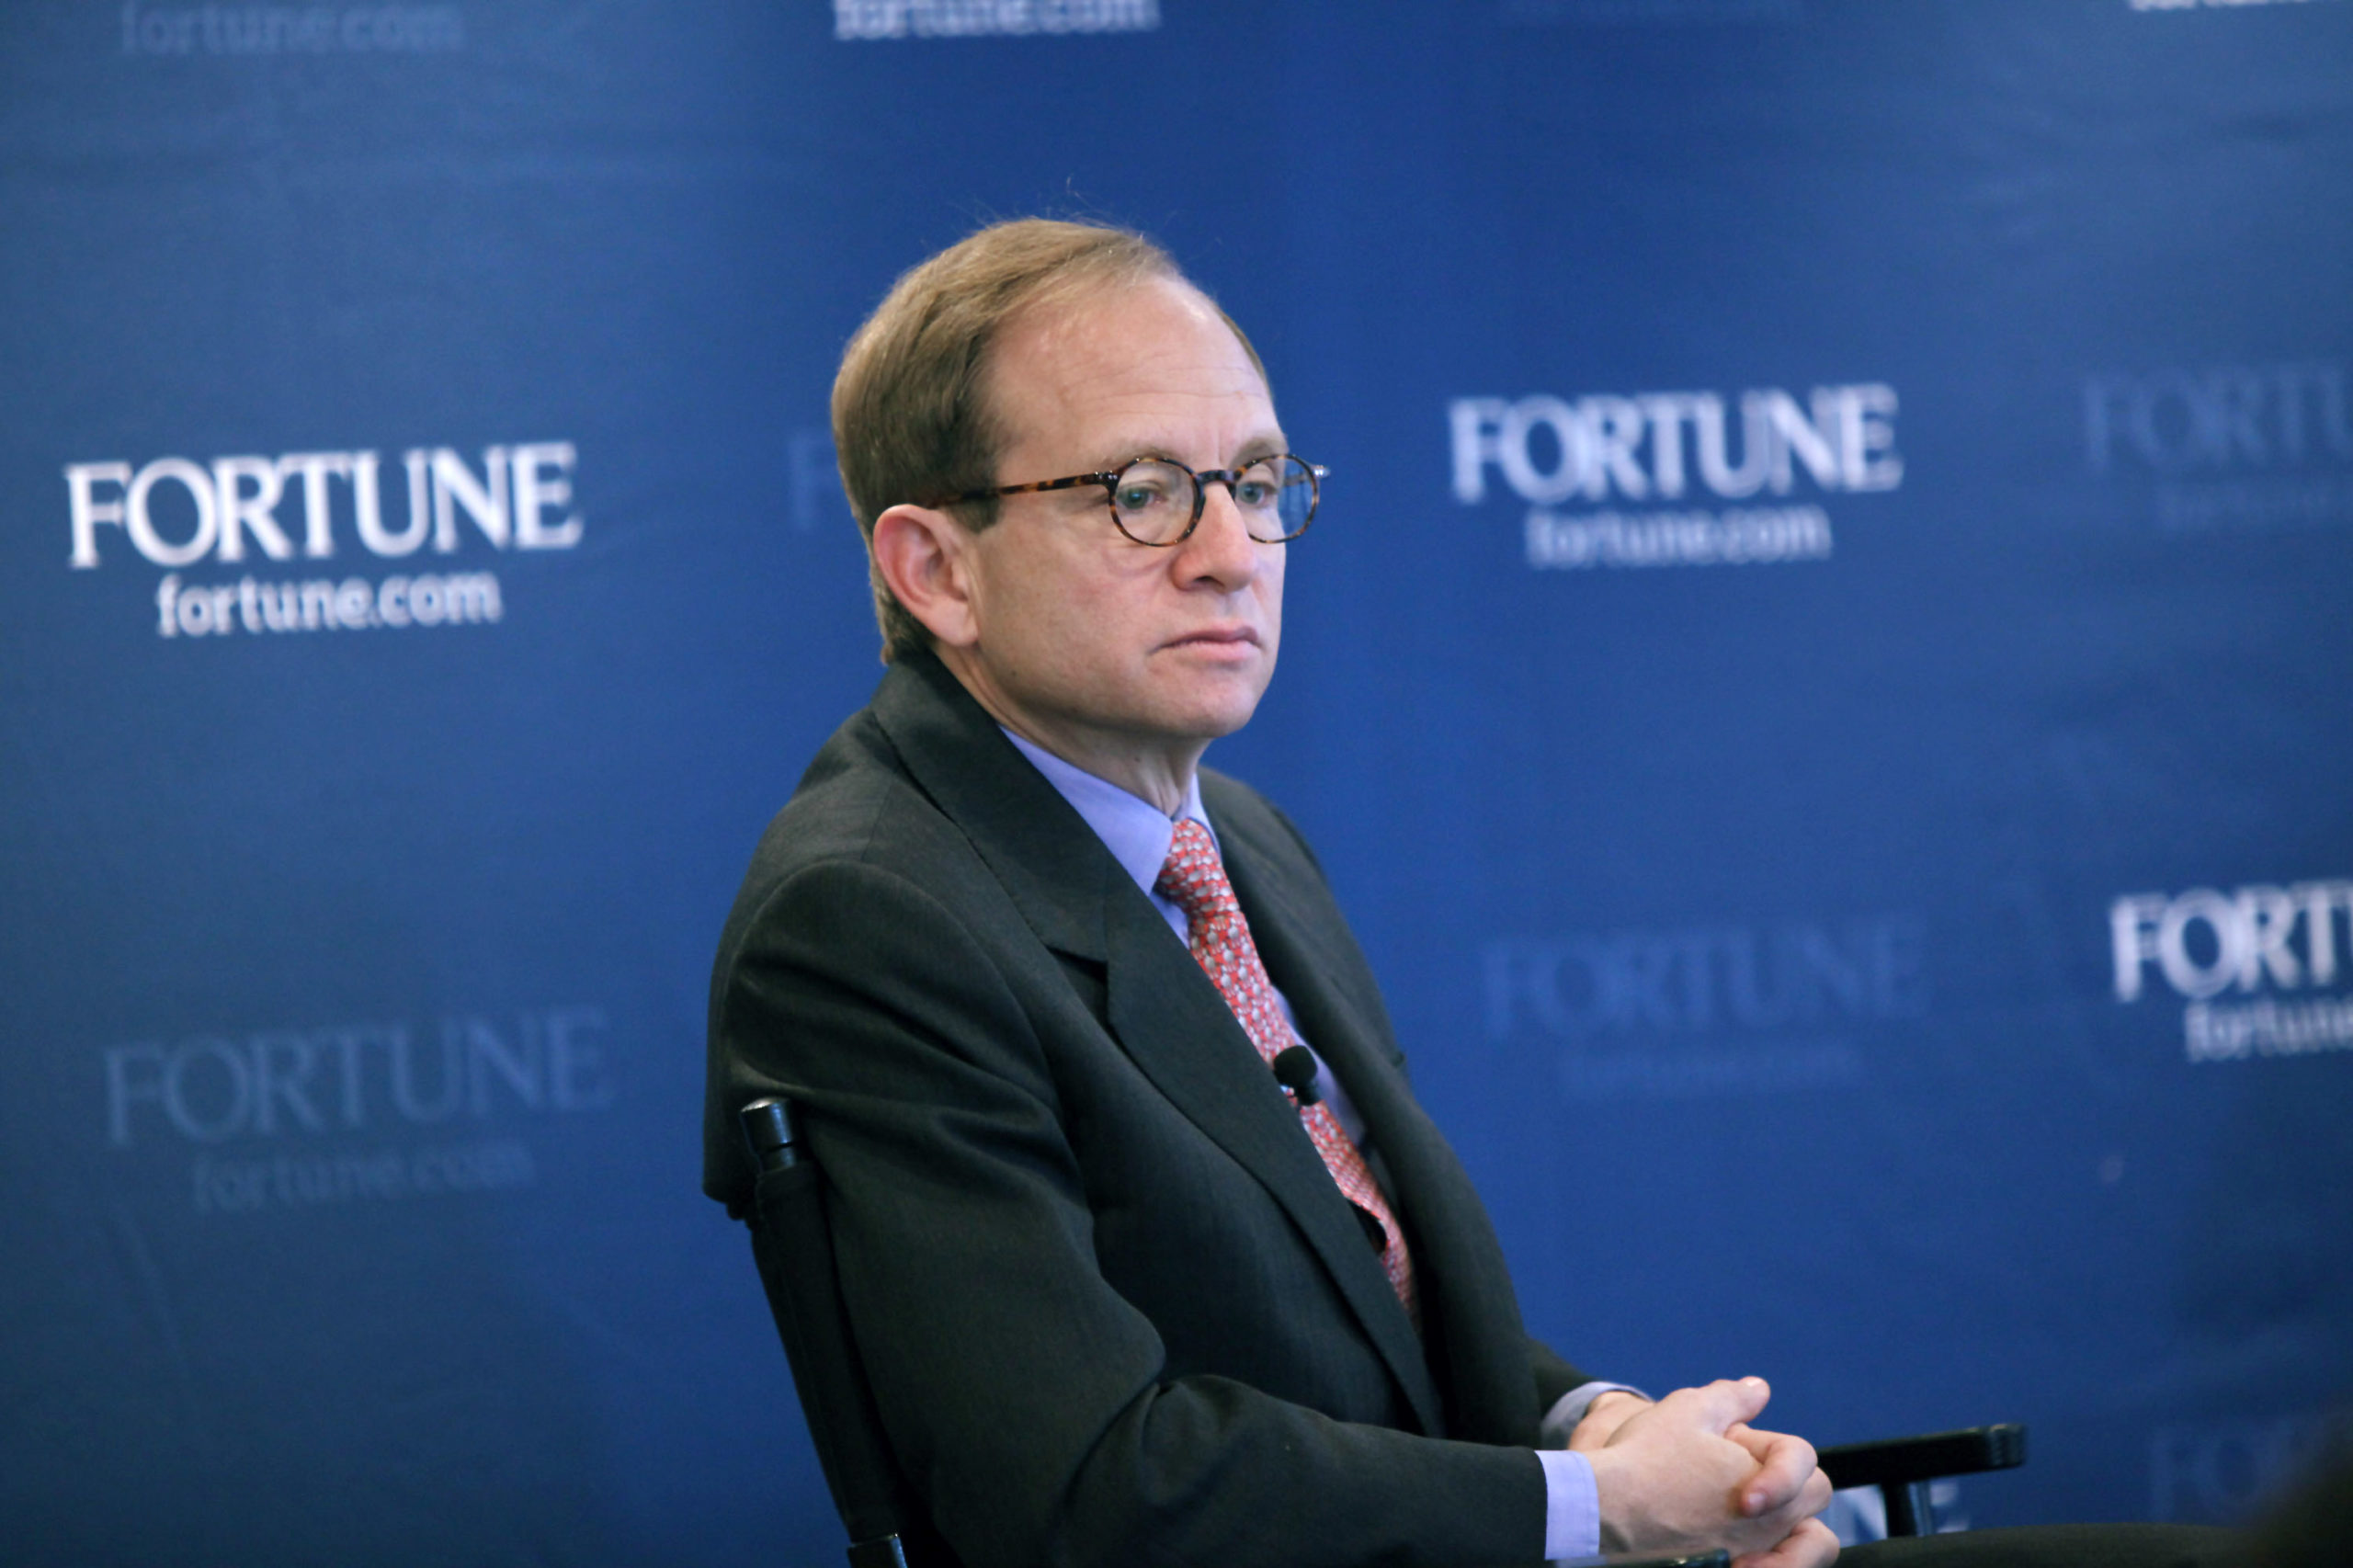 """Obama administration """"auto czar"""" Steven Rattner speaks on November 18, 2009 in New York City. (Neilson Barnard/Getty Images for Fortune Magazine)"""